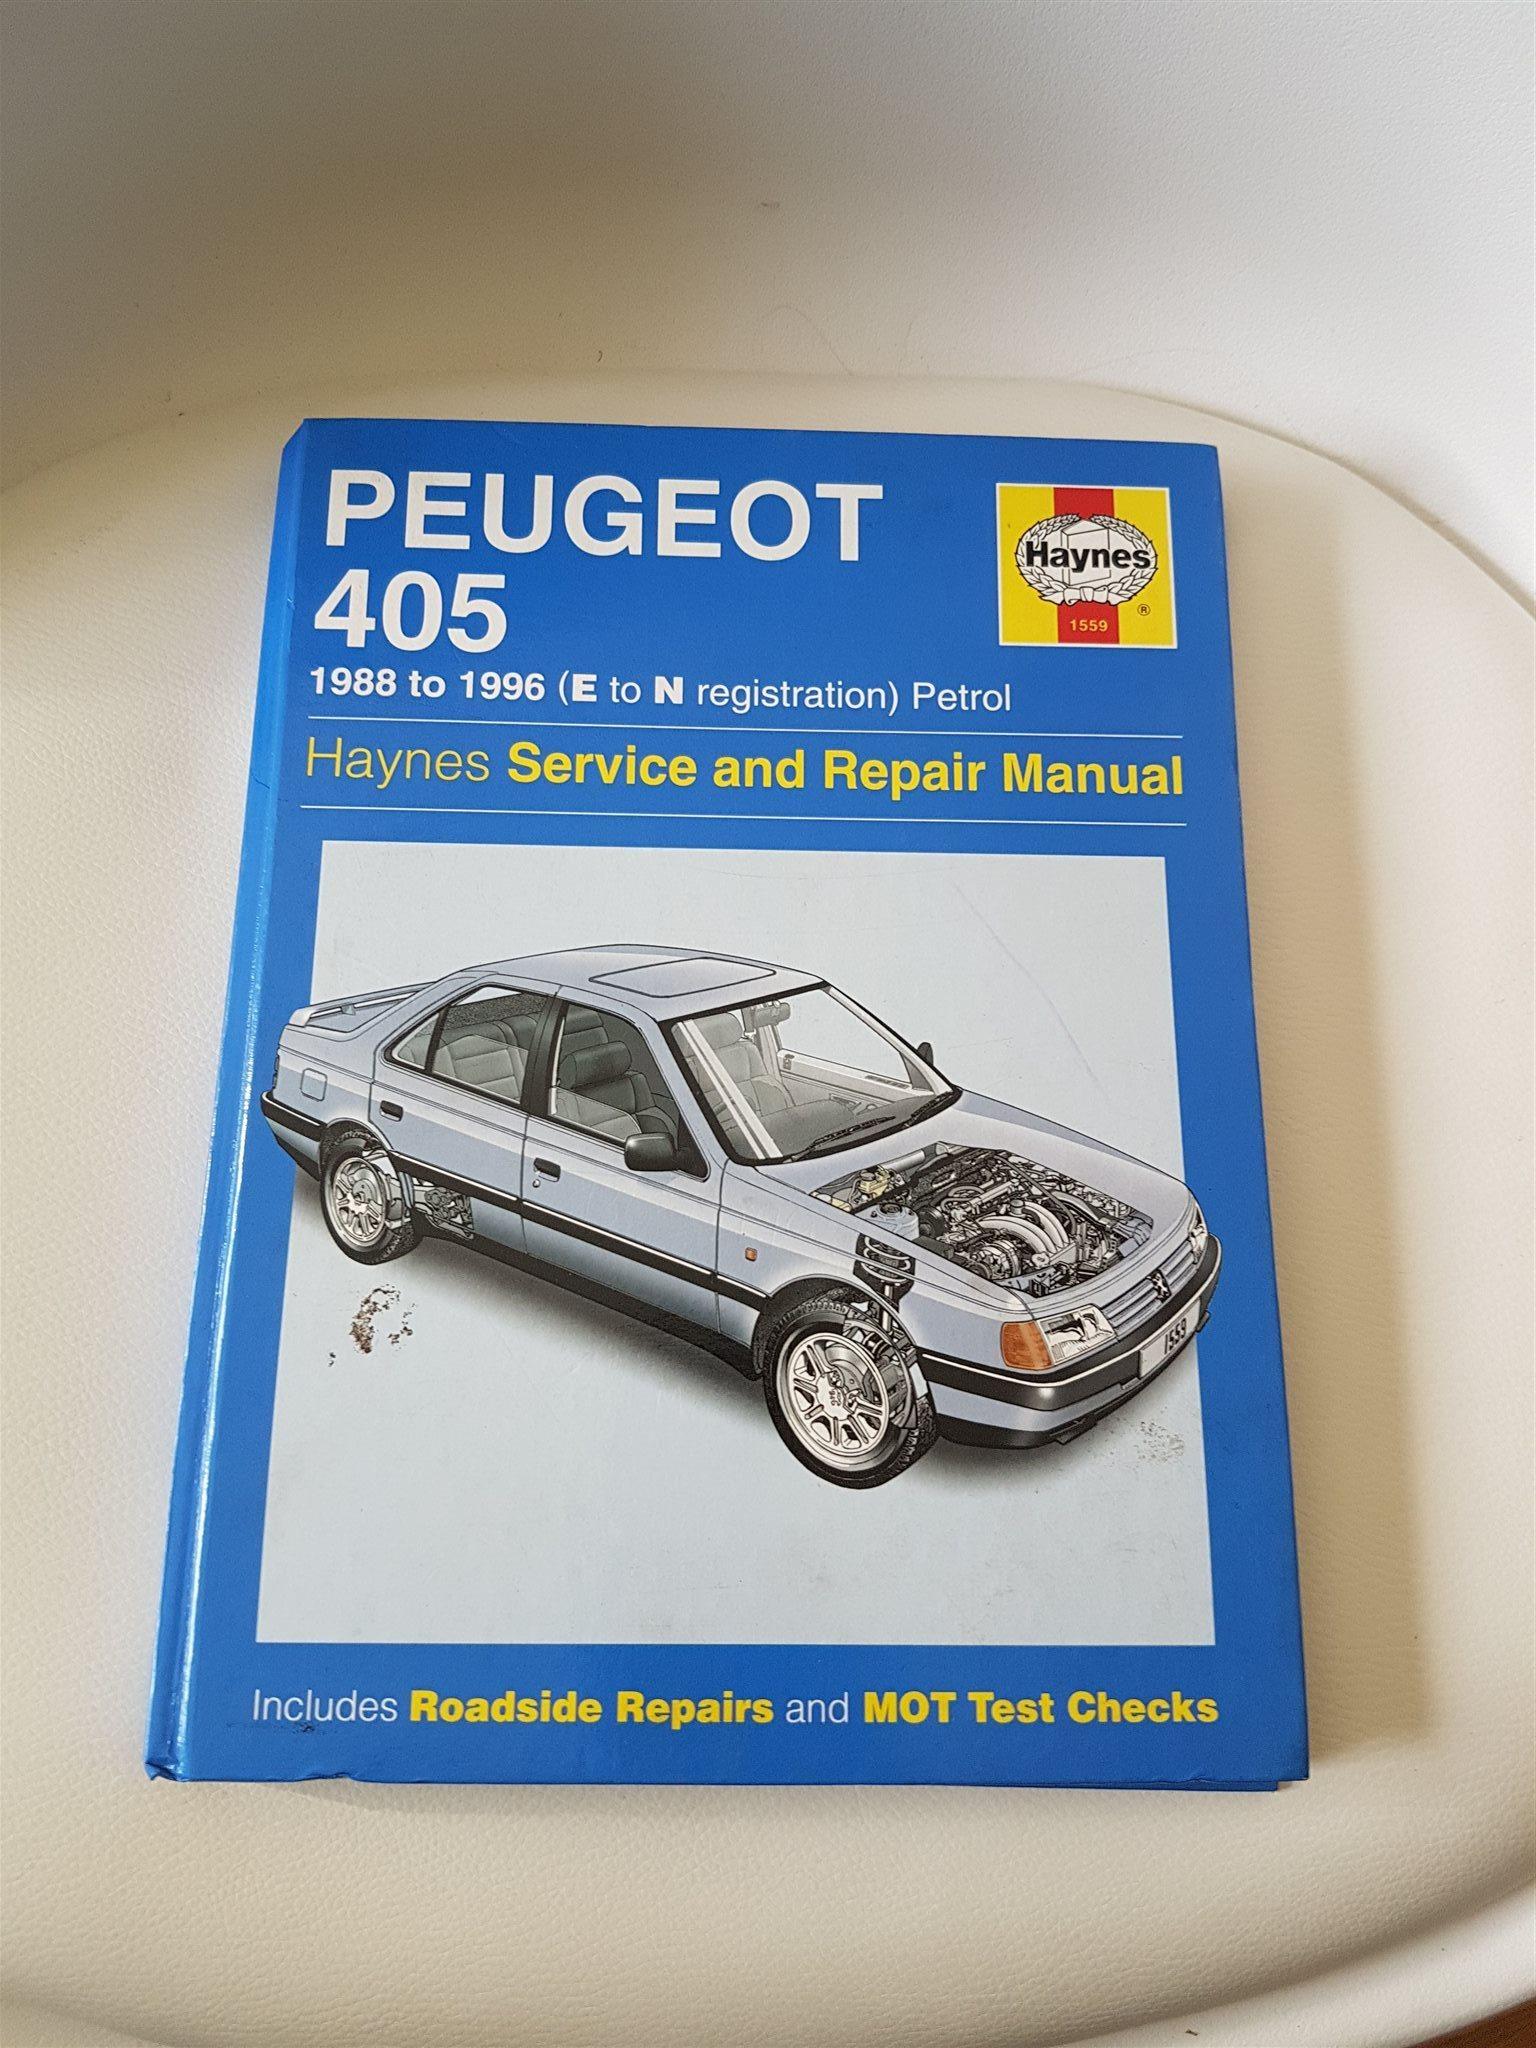 Repair Manual Peugeot 405 Hp Laserjet 1100a Service Array Haynes And 308285508 K P